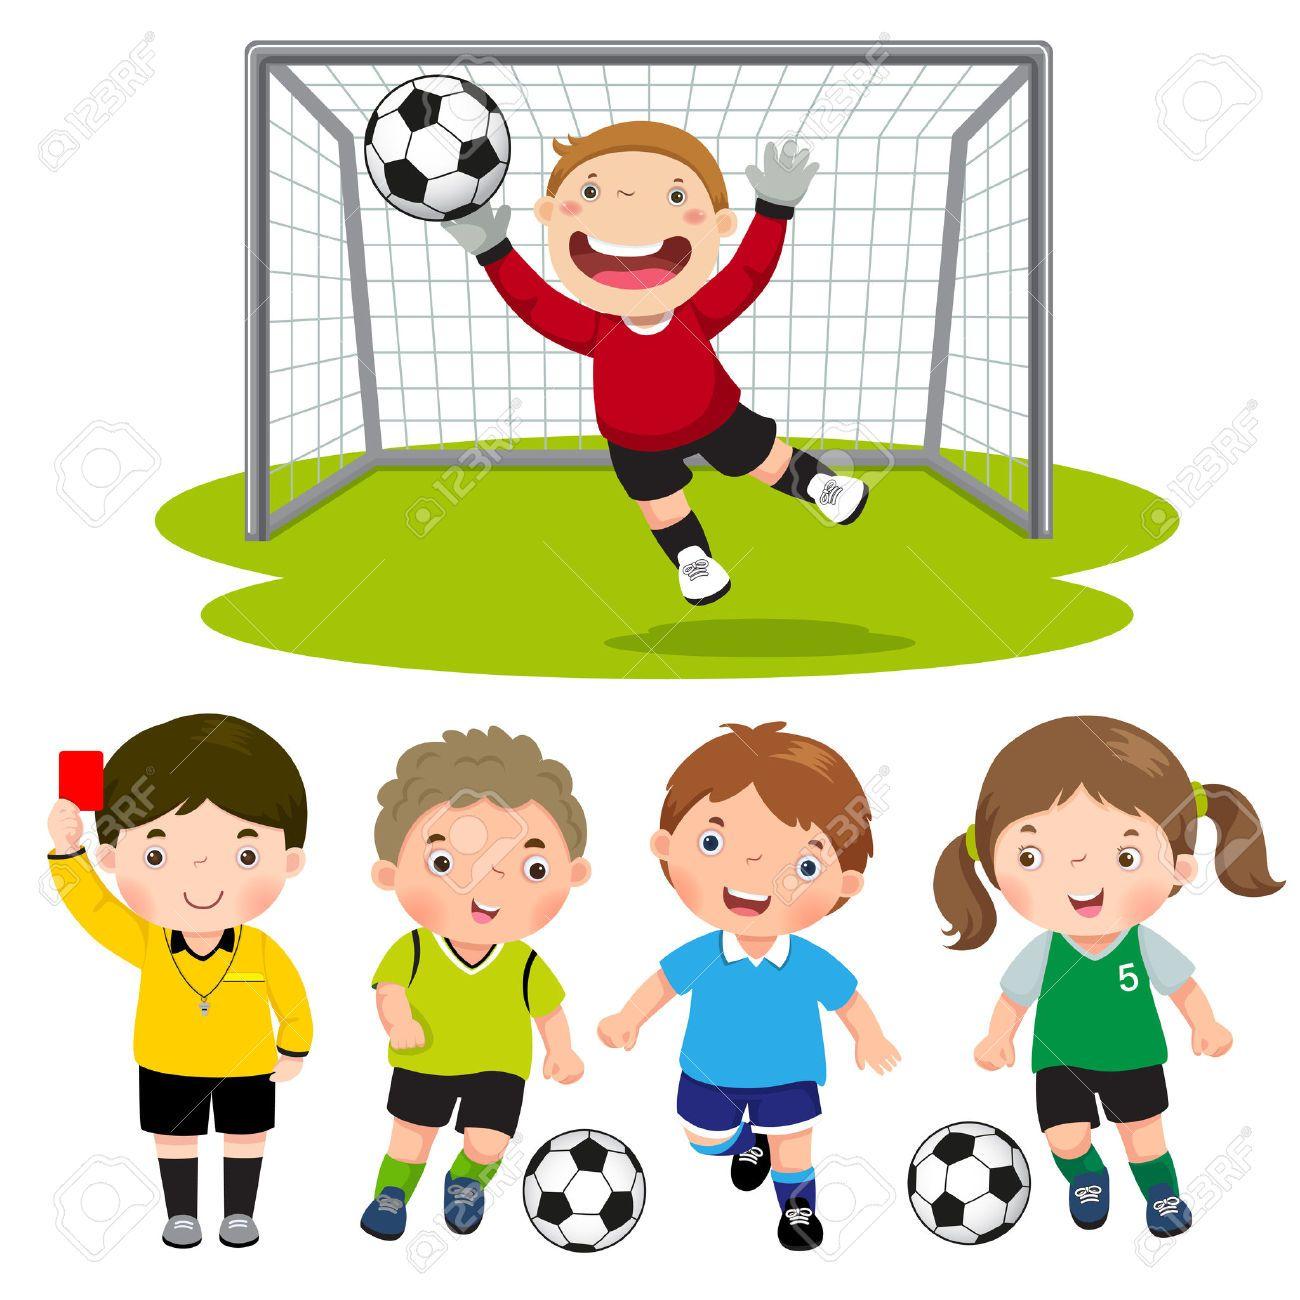 Resultado de imagen para dibujos de ni os jugando futbol a - Dibujos infantiles de ninos jugando ...